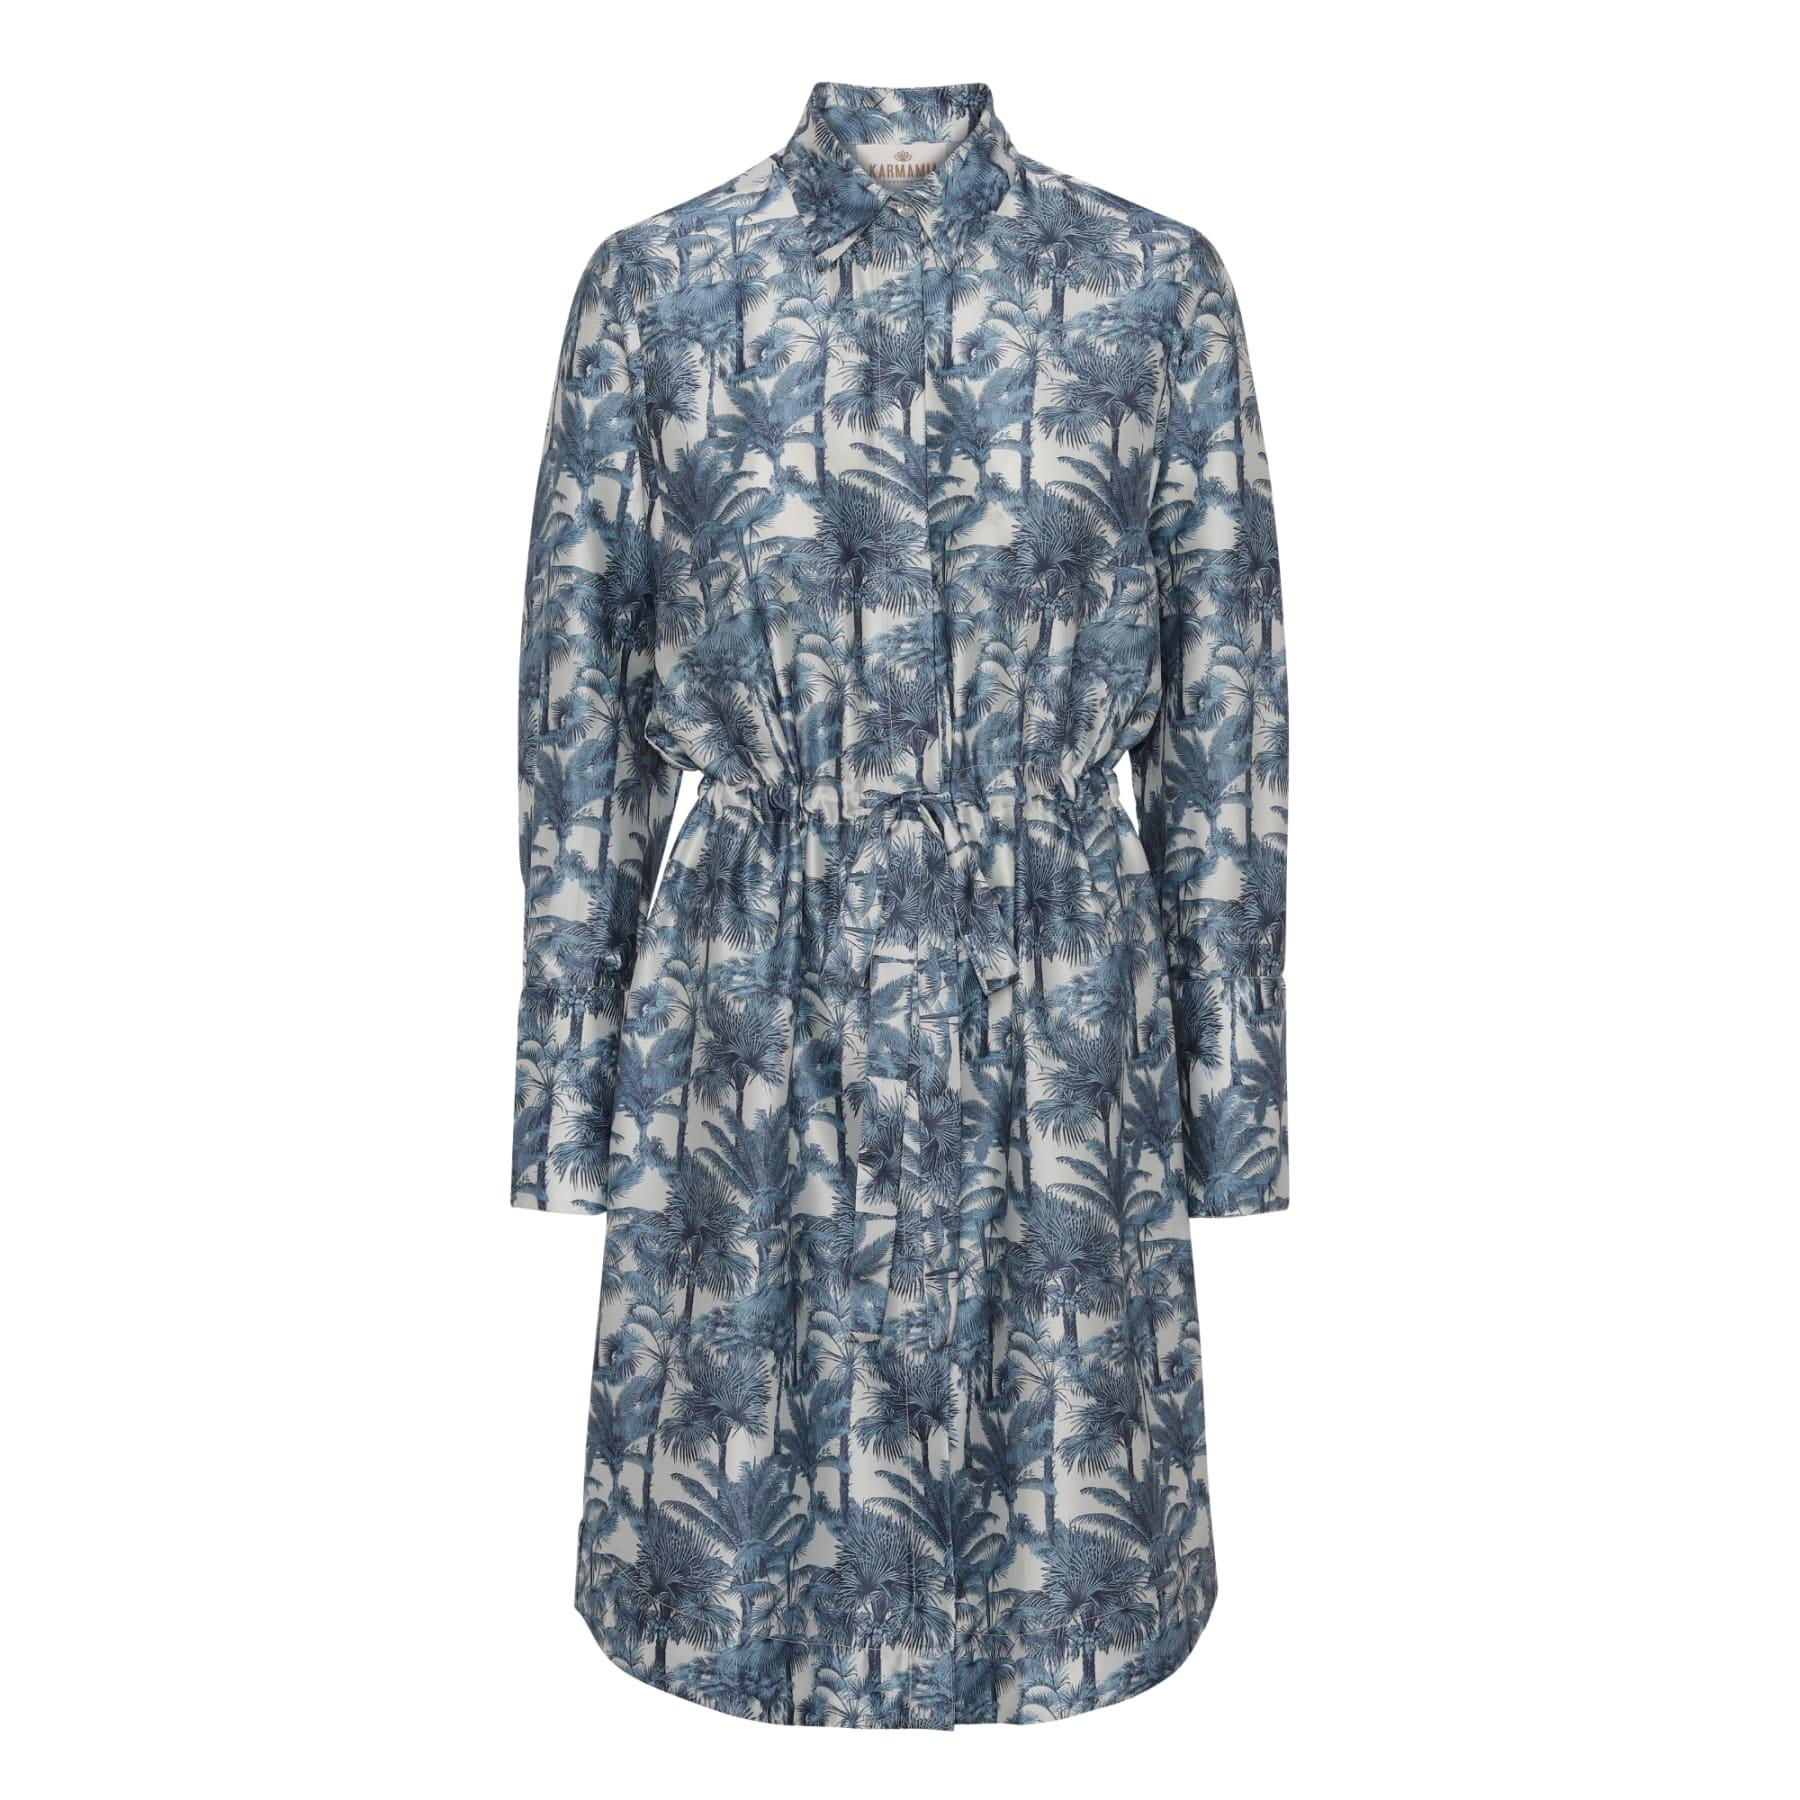 Nakita Dress - Malibu IMAGE BY ME KARMAMIA CPH